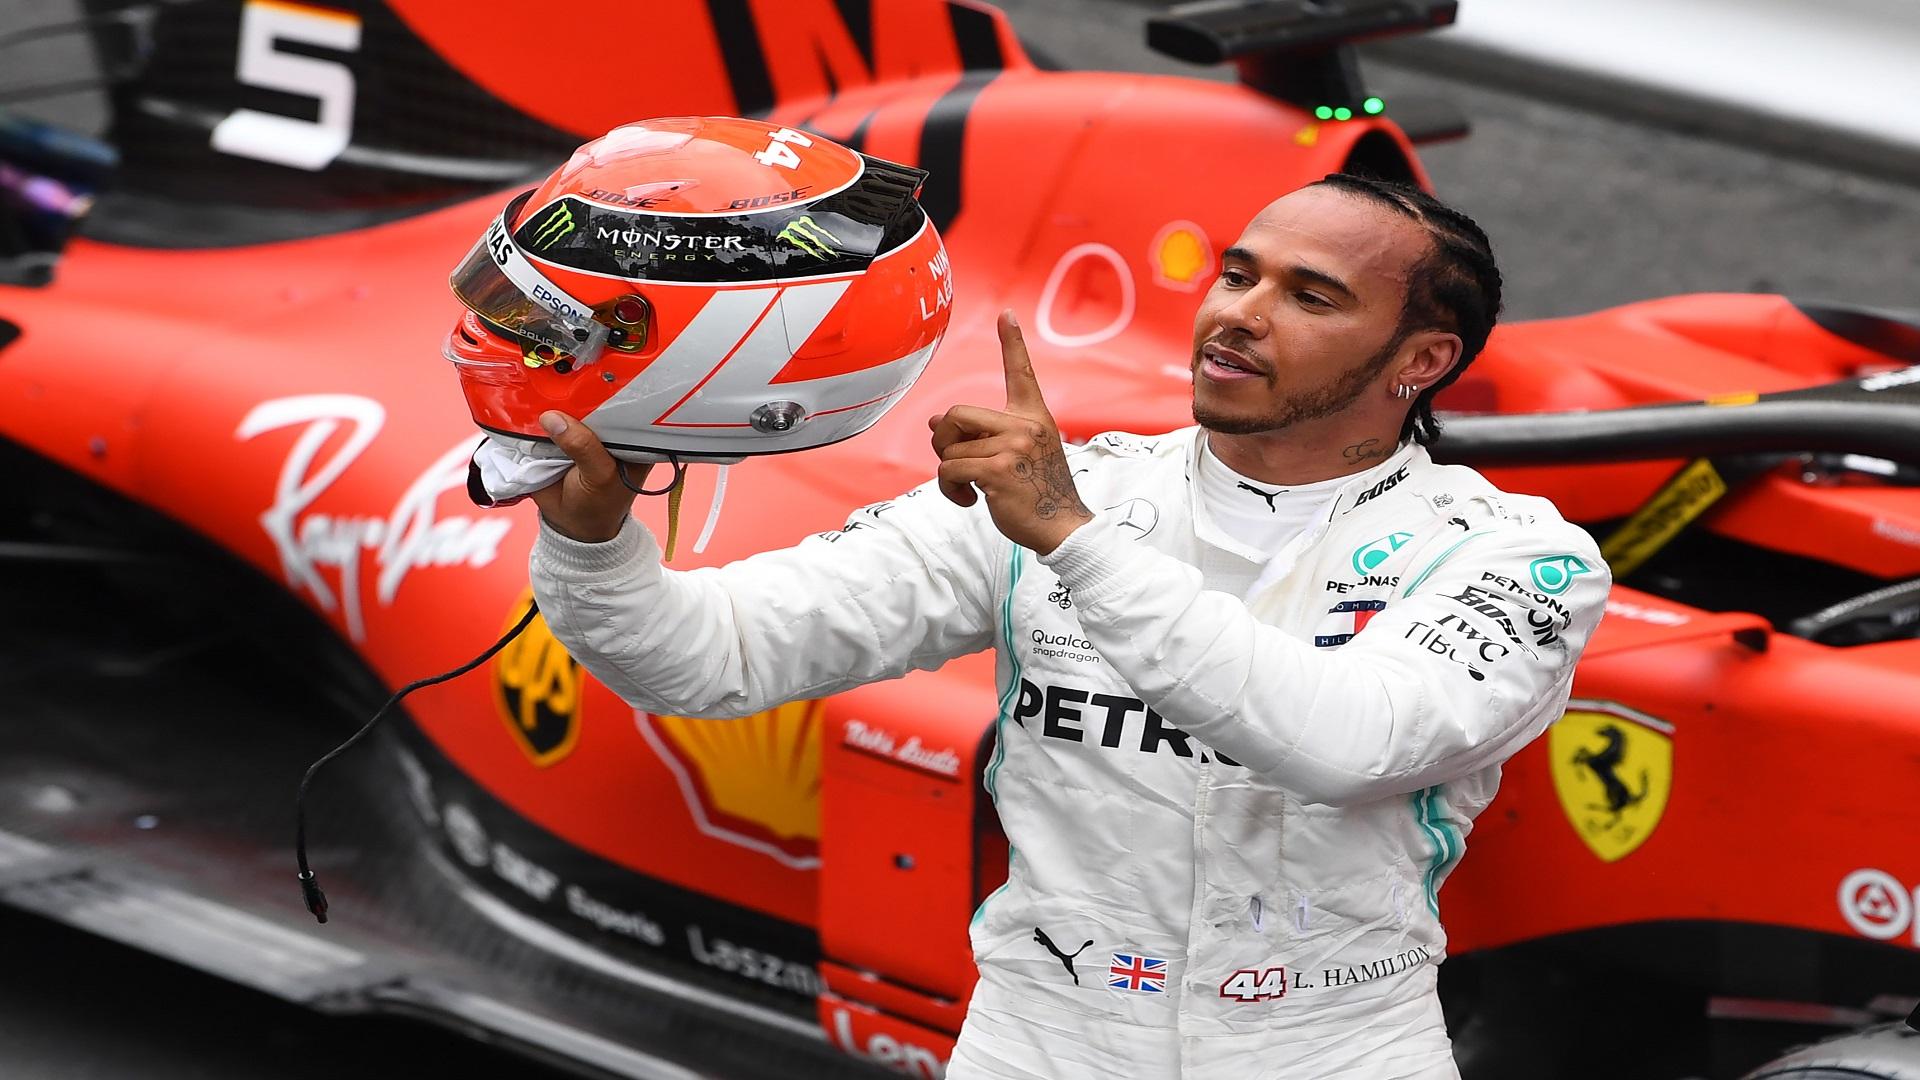 """بطل العالم لسباقات الفورمولا """"وان"""" مصاب بـ """"كورونا"""""""